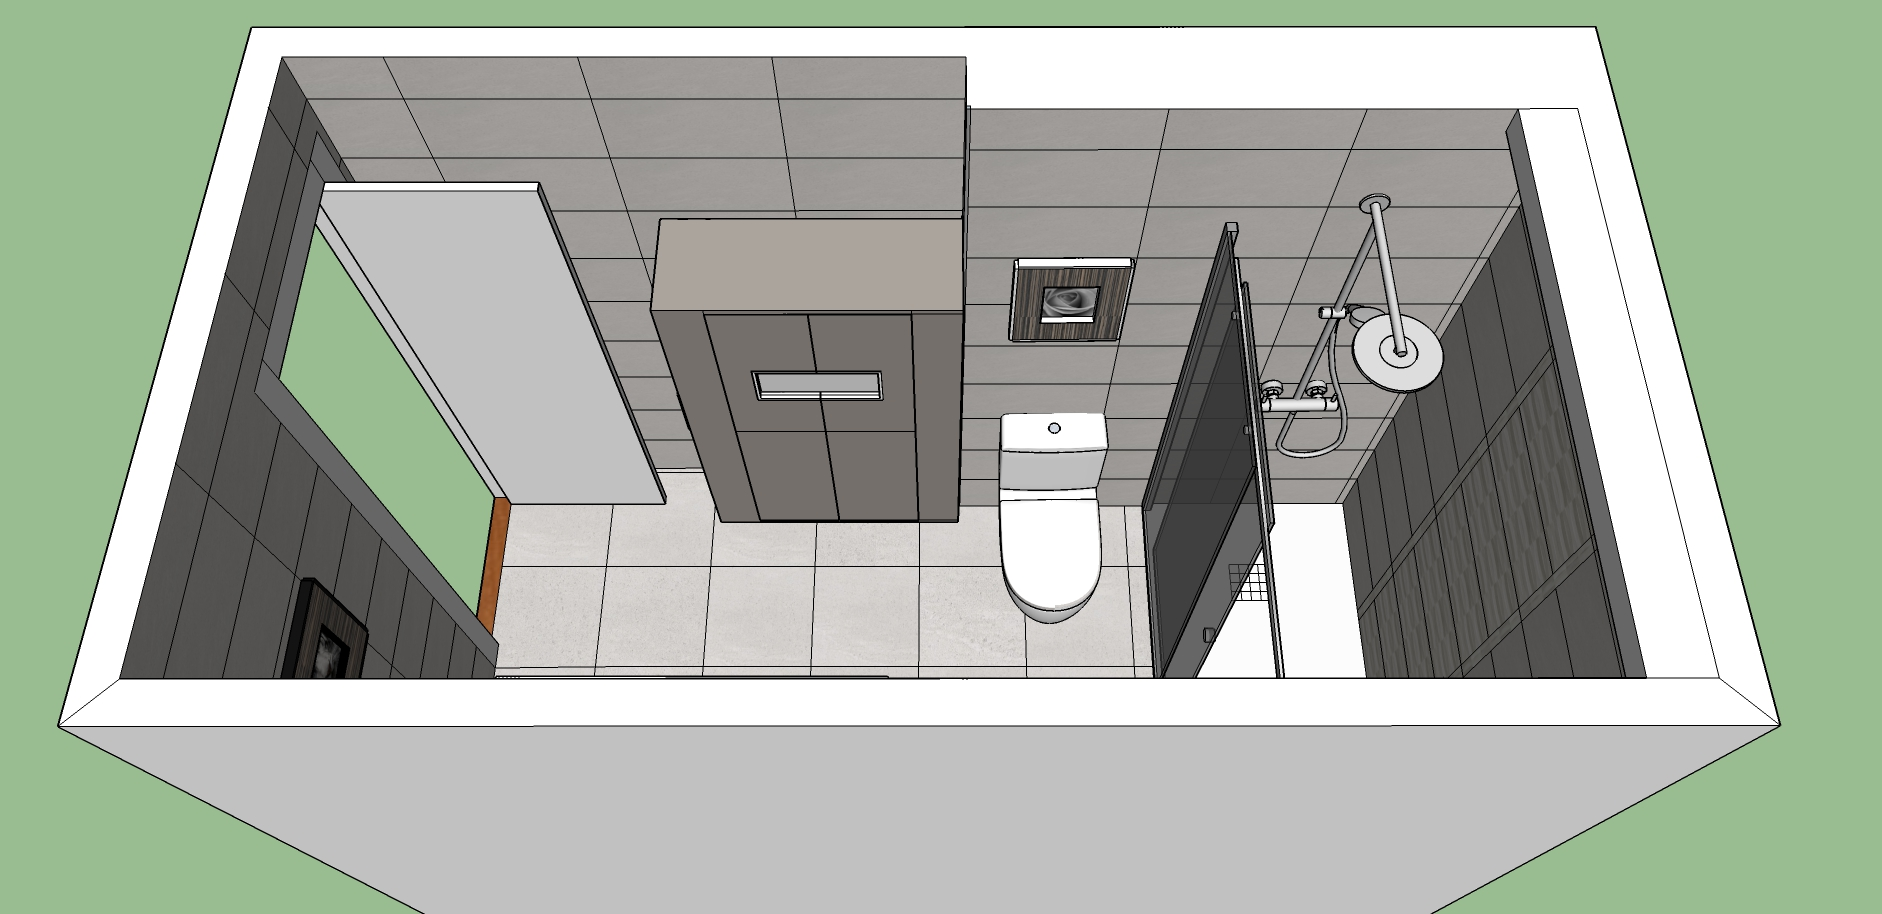 Proyecto 3D-Reforma integral-reforma-coruña-cambio bañera por plato de ducha-contratista-empresa-de-reformas-renueve su casa-reforma baño-reforma cocina-cocinas express_10